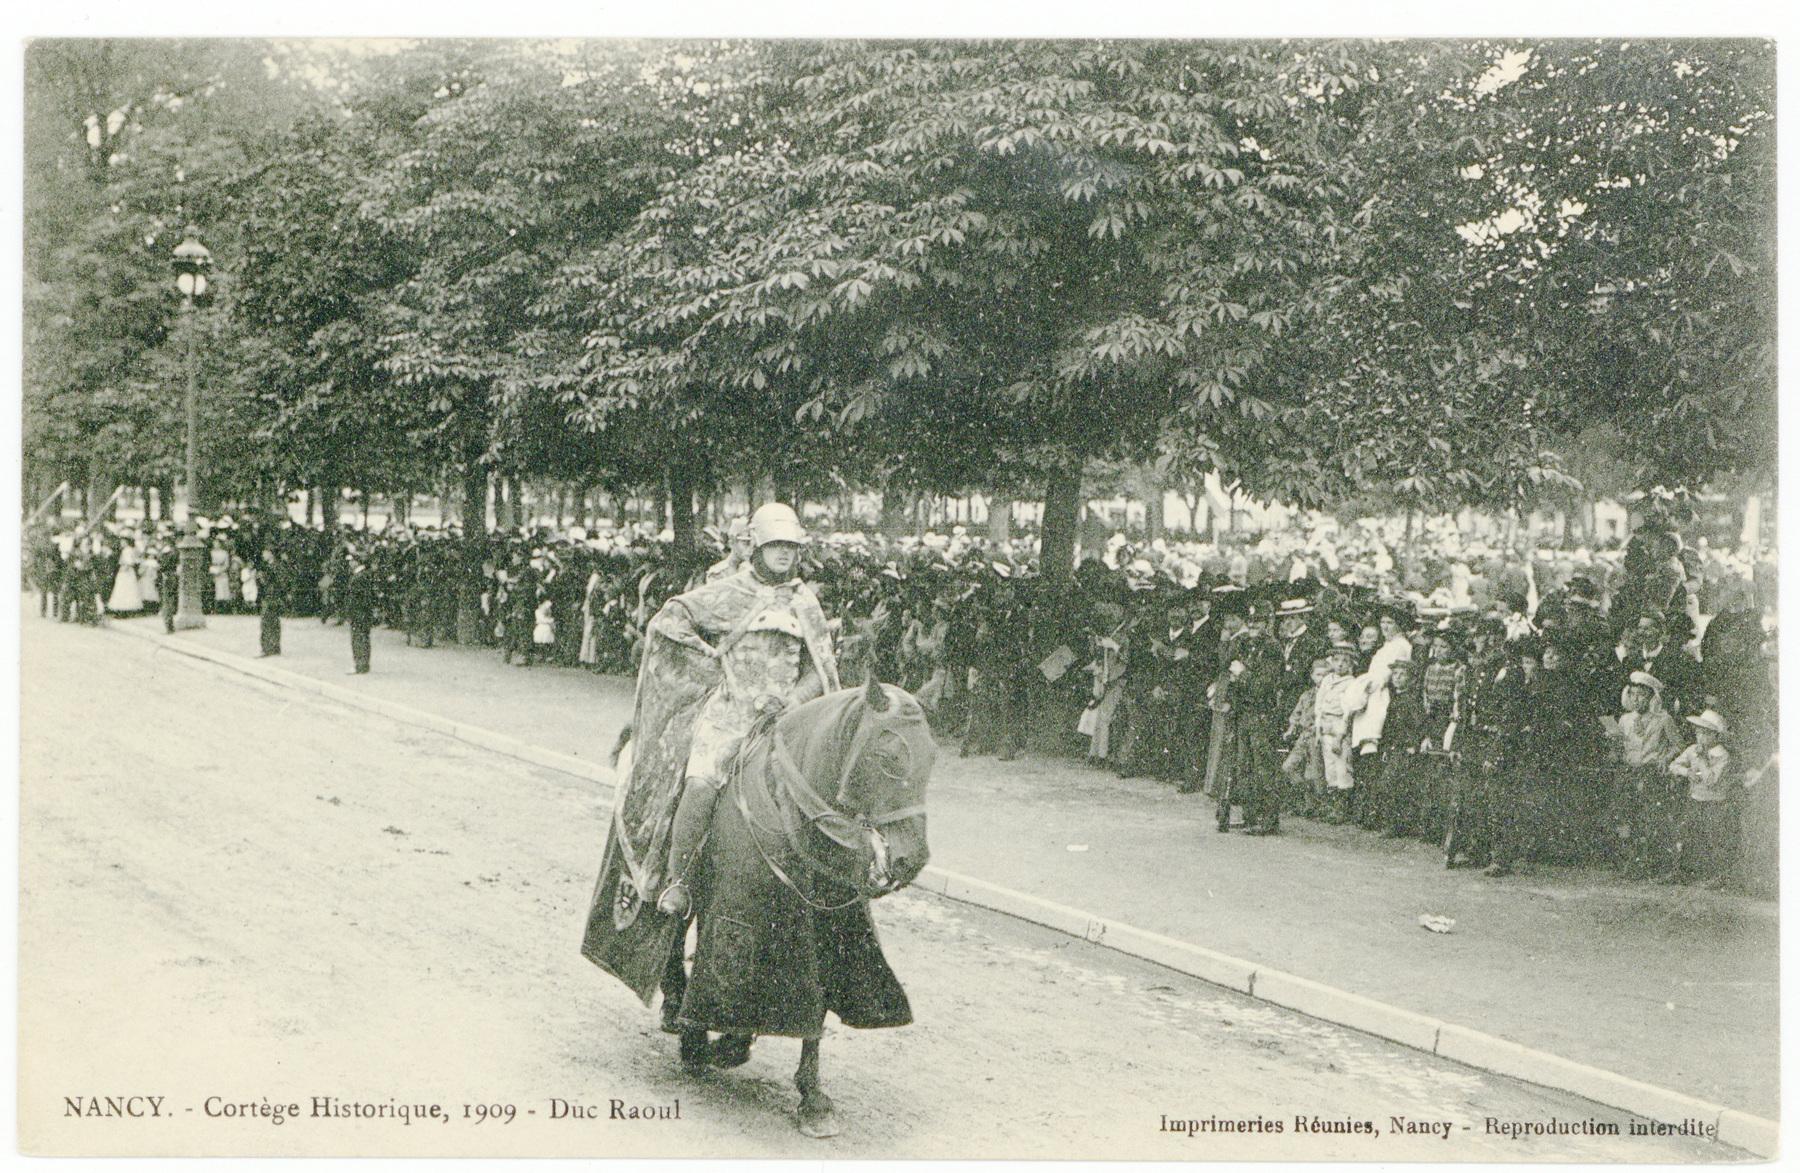 Contenu du Duc Raoul  Nancy. - Cortège Historique, 1909